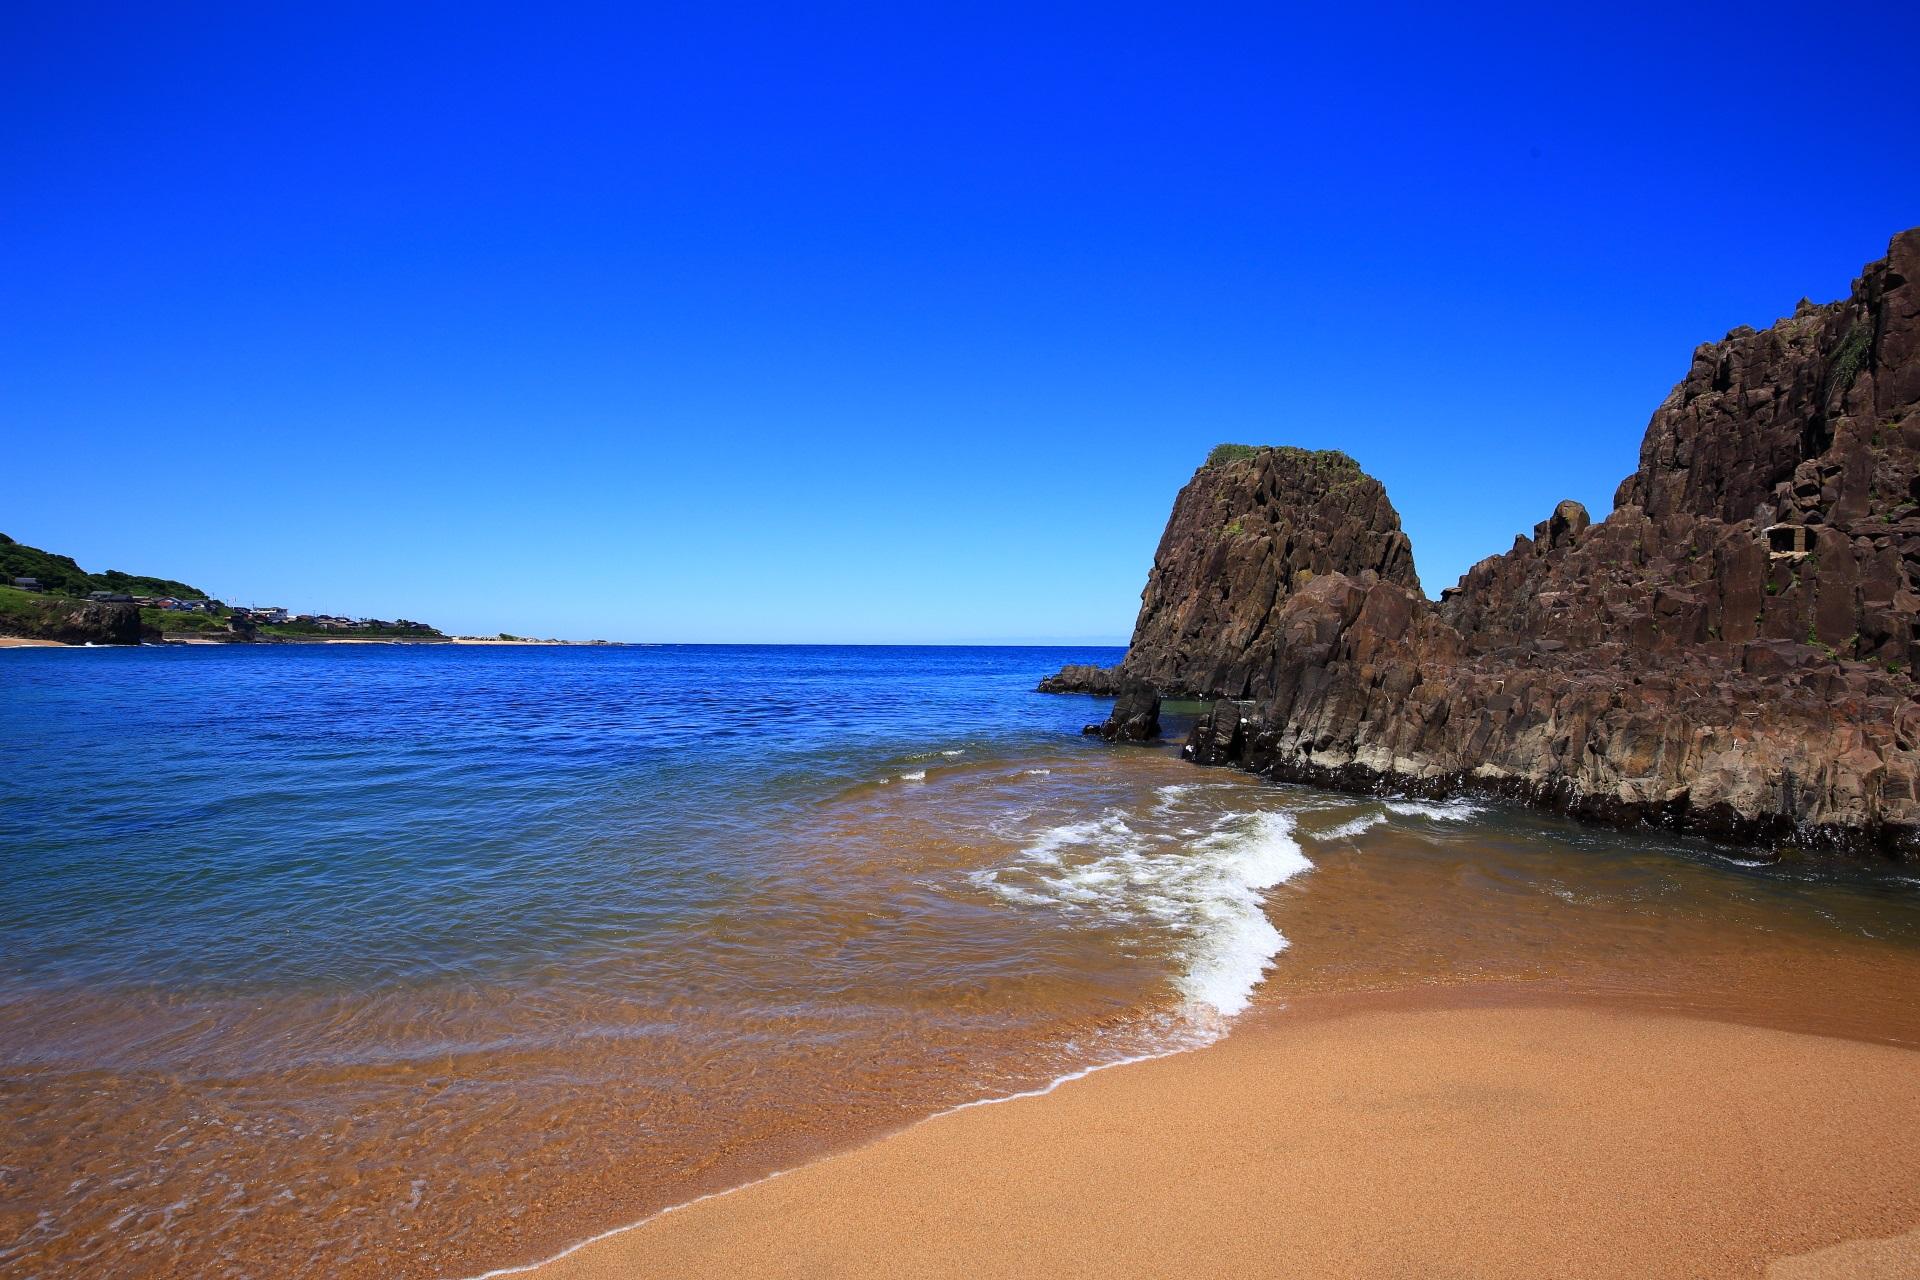 透き通る綺麗な海の後ヶ浜海岸に立つ「立岩」